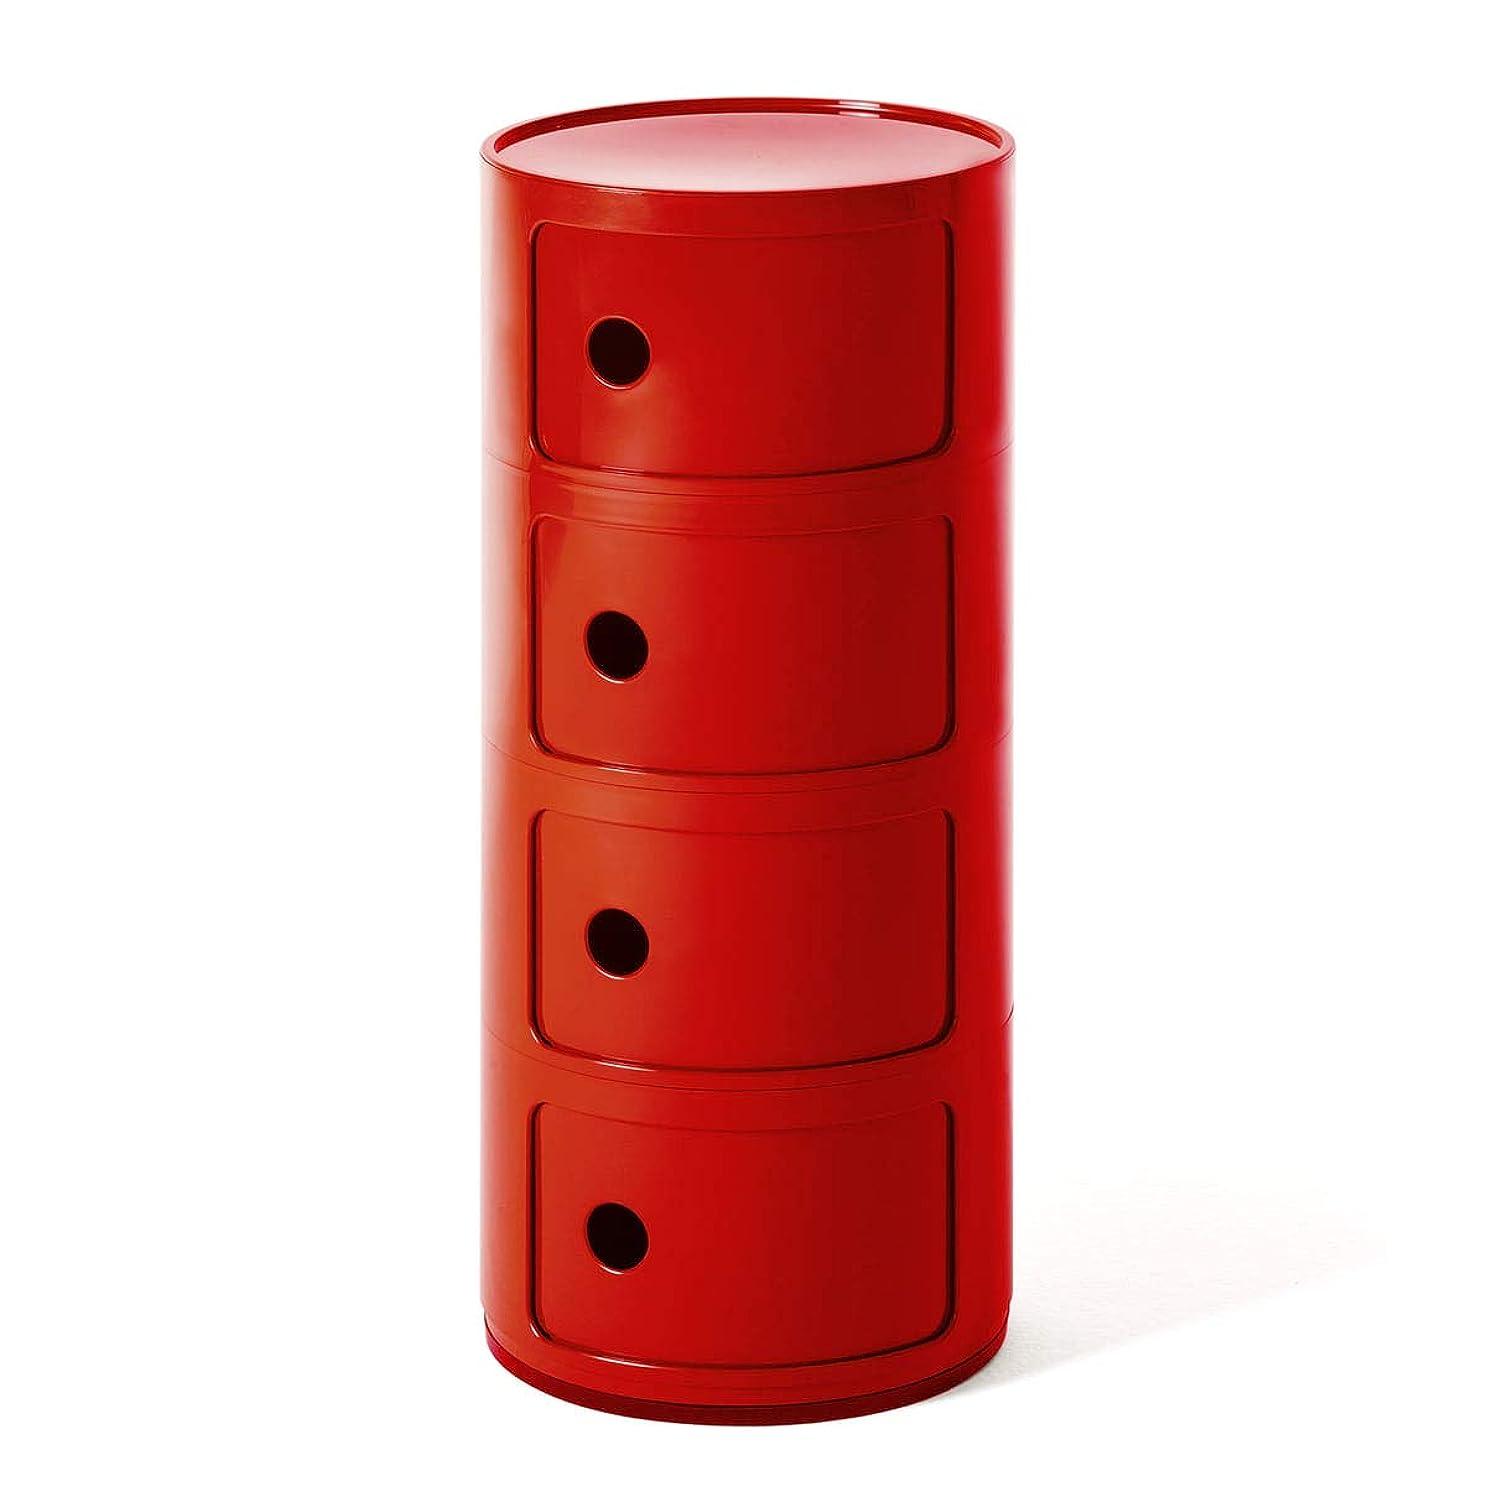 ペイント締める品カルテル(Kartell) コンポニビリ4 レッド φ32/H77cm SFNT-K4985-10